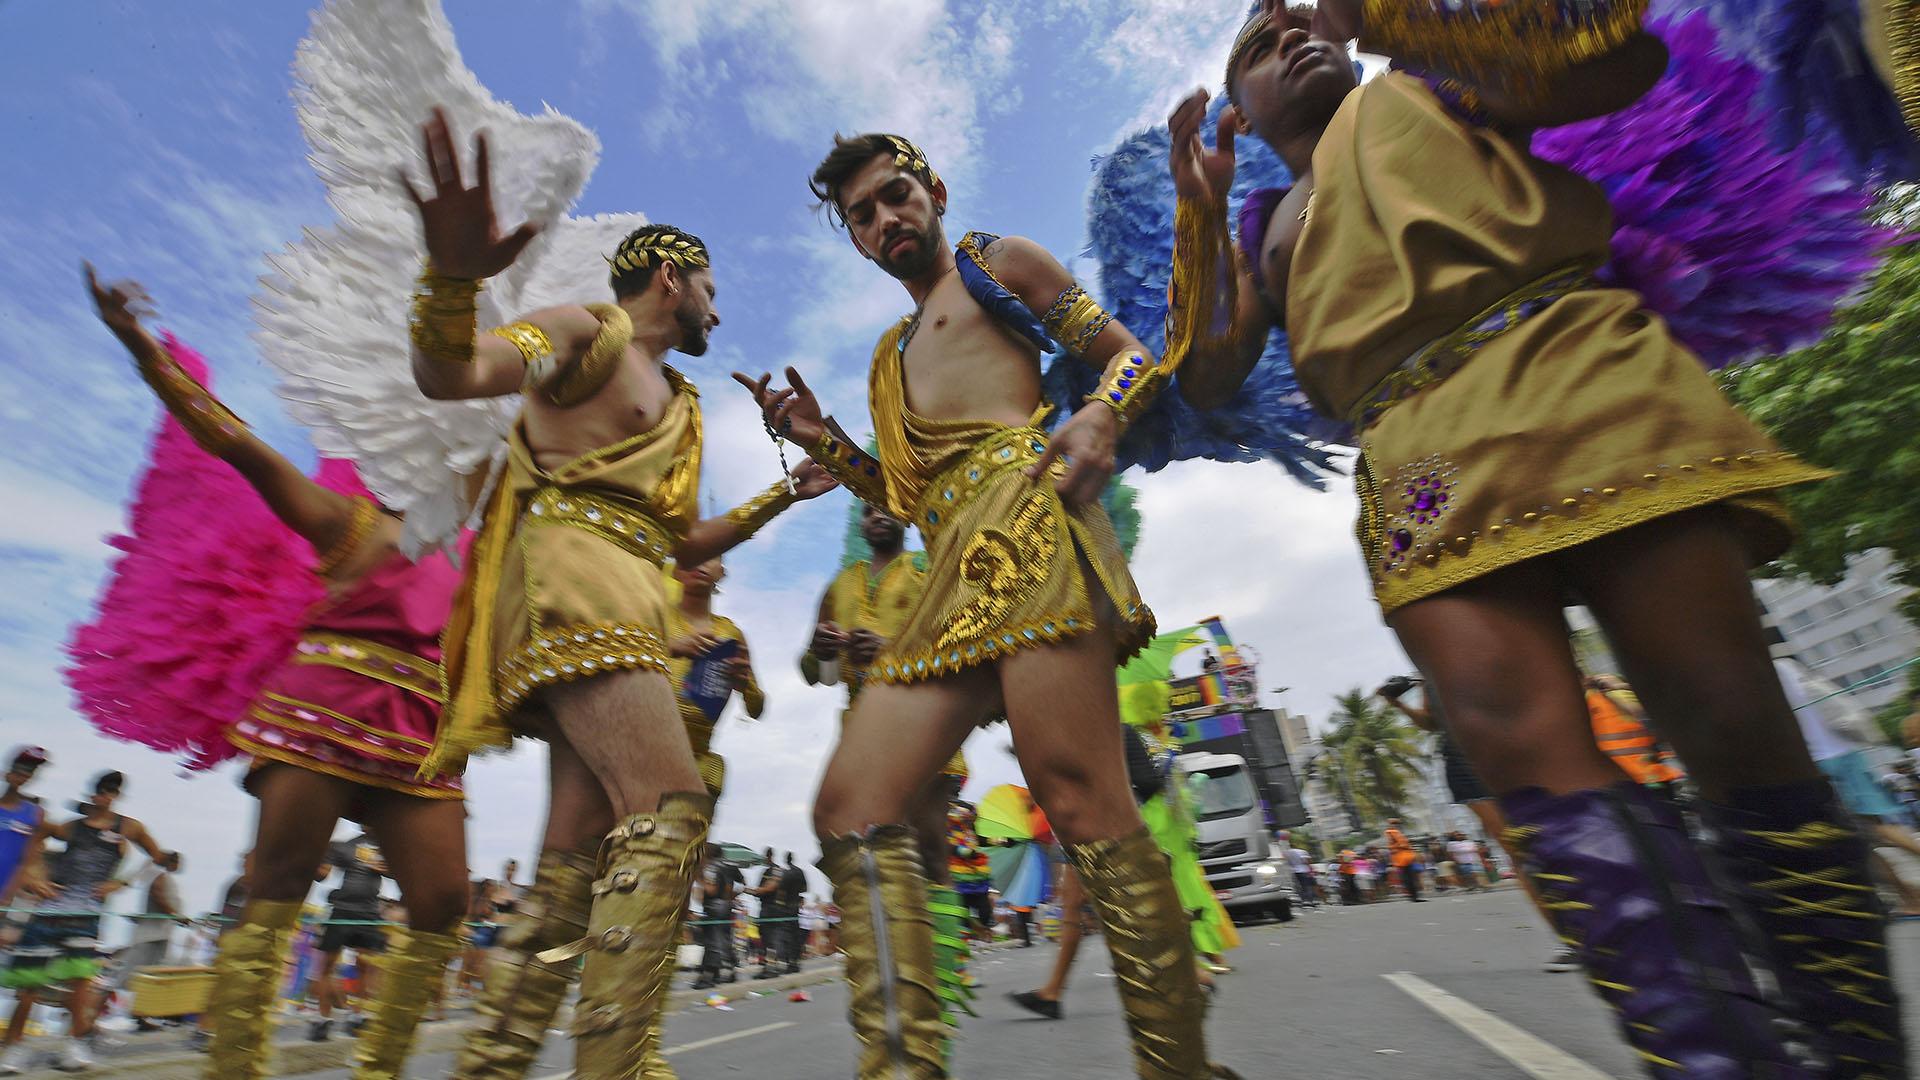 """""""Estamos viviendo un momento muy difícil porque tenemos un alcalde totalmente homofóbico que está contra todo y todos, es anticultural. Esto no puede ser. Yo, que vengo de (los años de) la dictadura en los 60, no lo admito. El desfile es nuestro, es mío, es tuyo, es una alegría"""", señaló Jani de Castro, cofundadora de la marcha"""